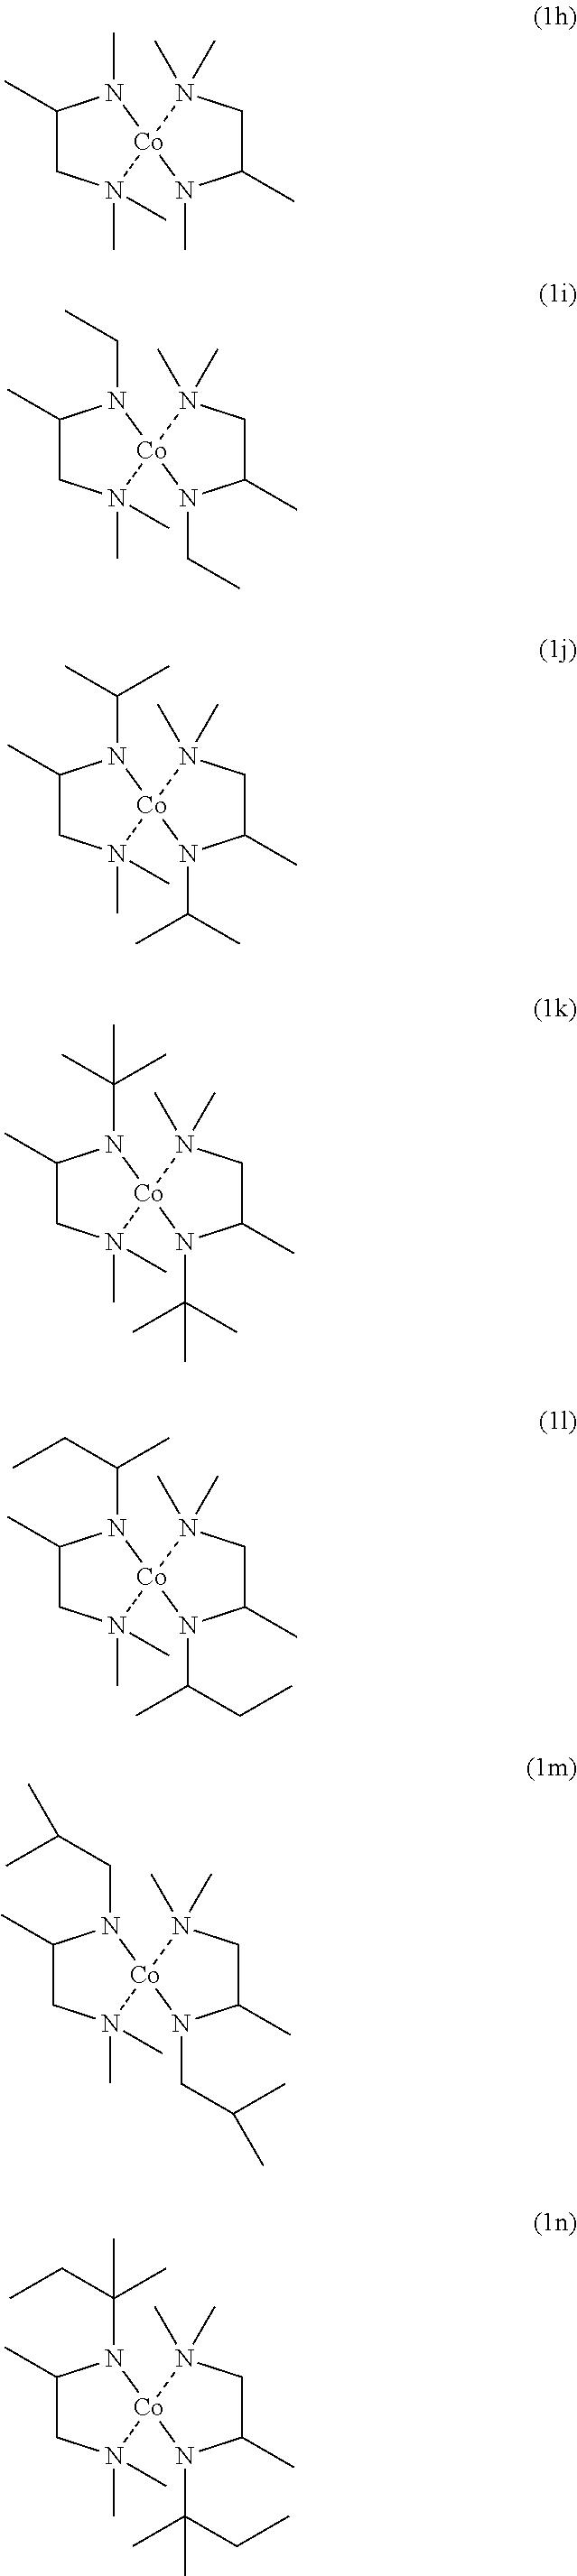 Figure US08871304-20141028-C00098